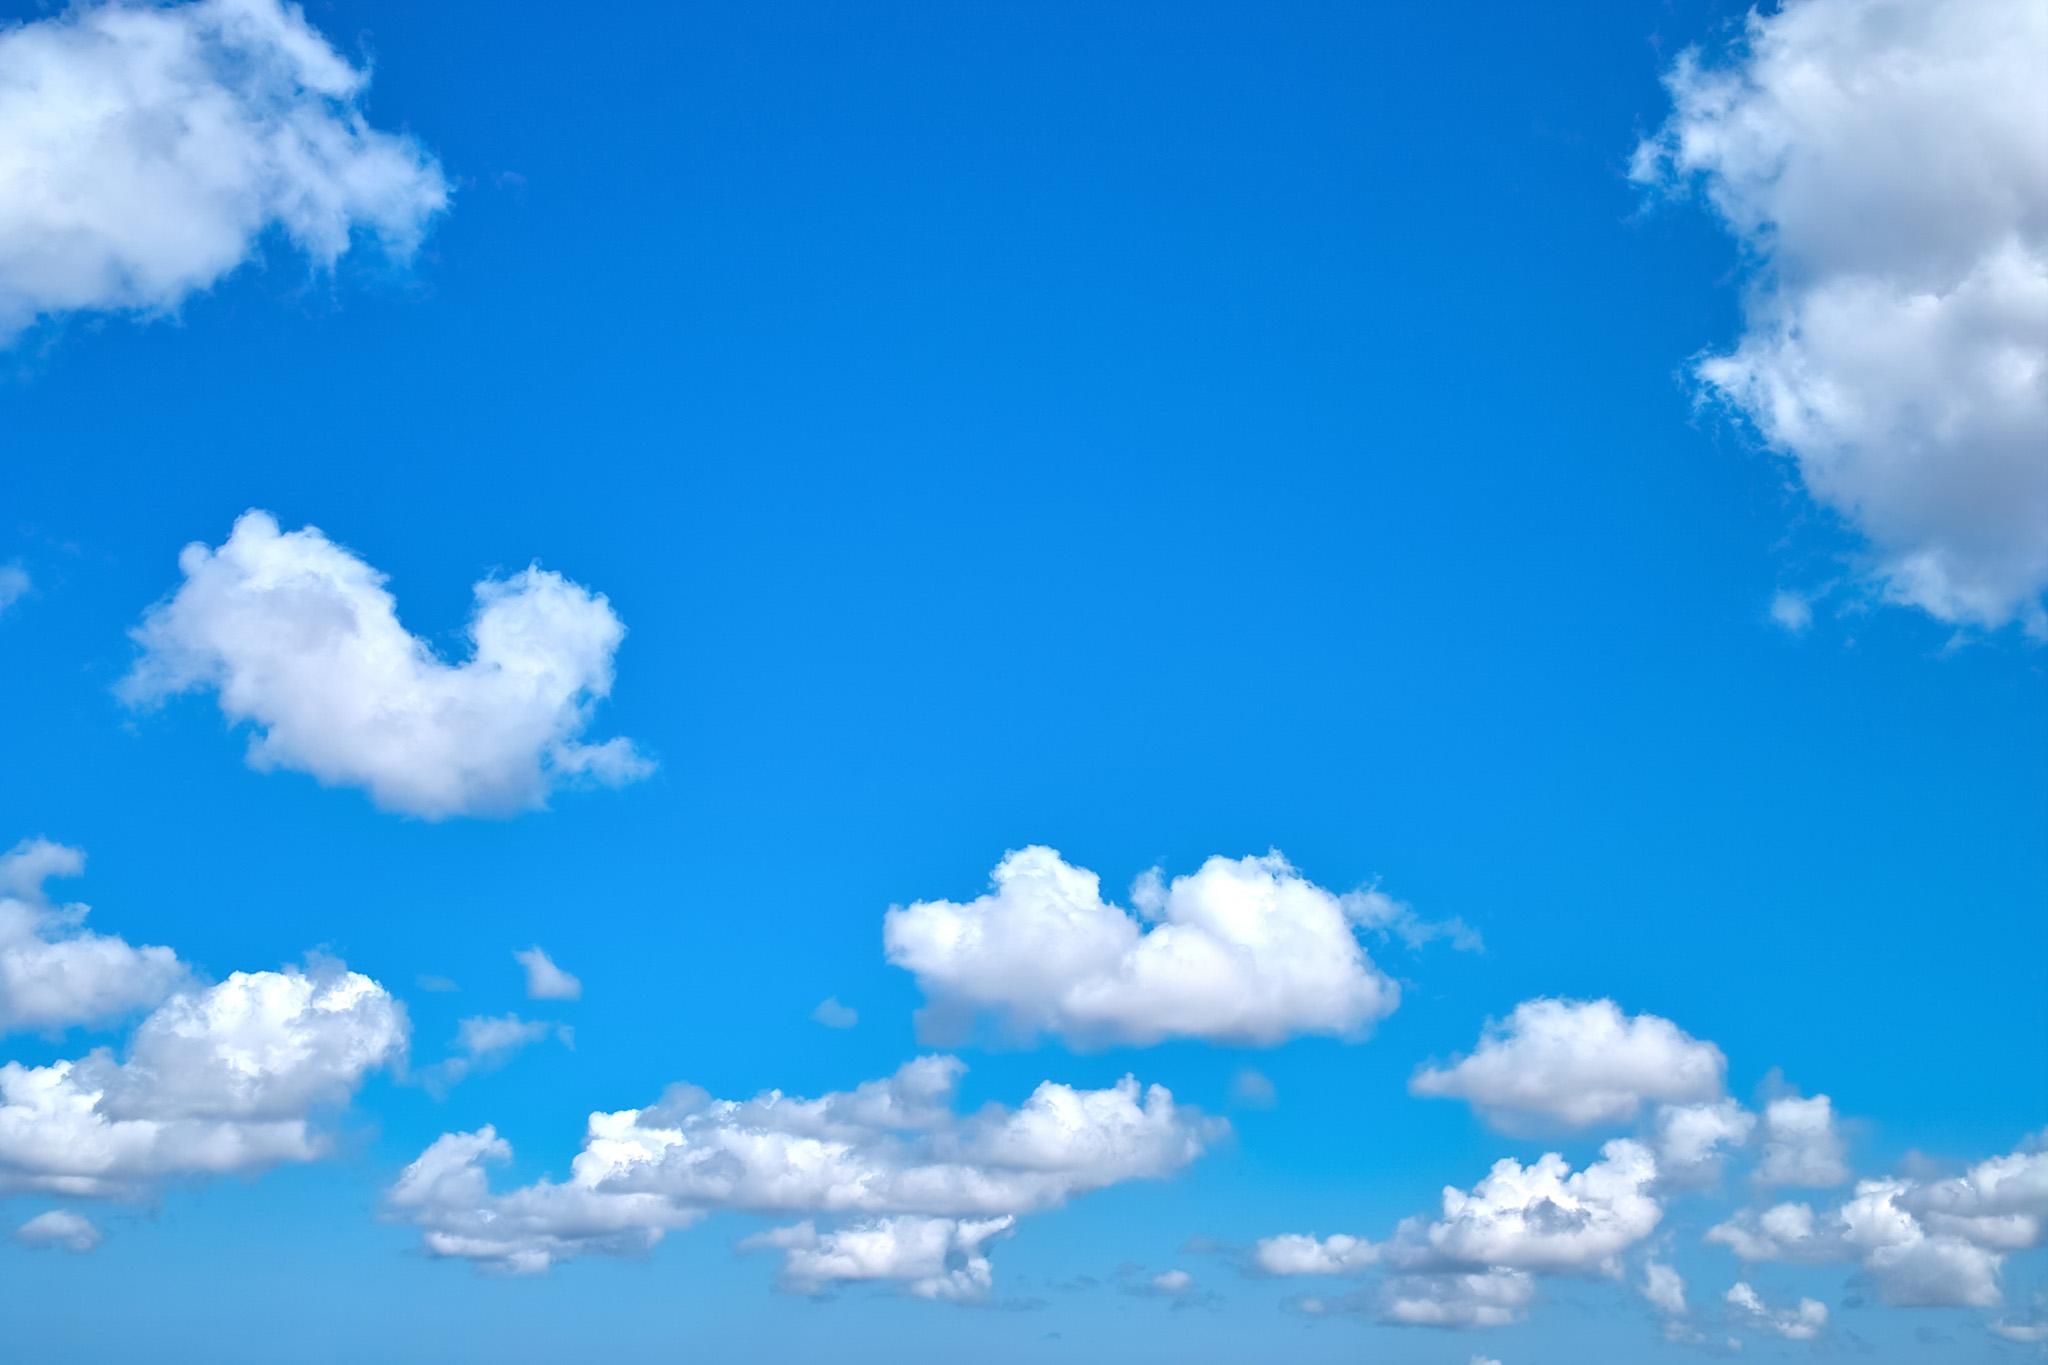 「雲が連なる綺麗な青空」